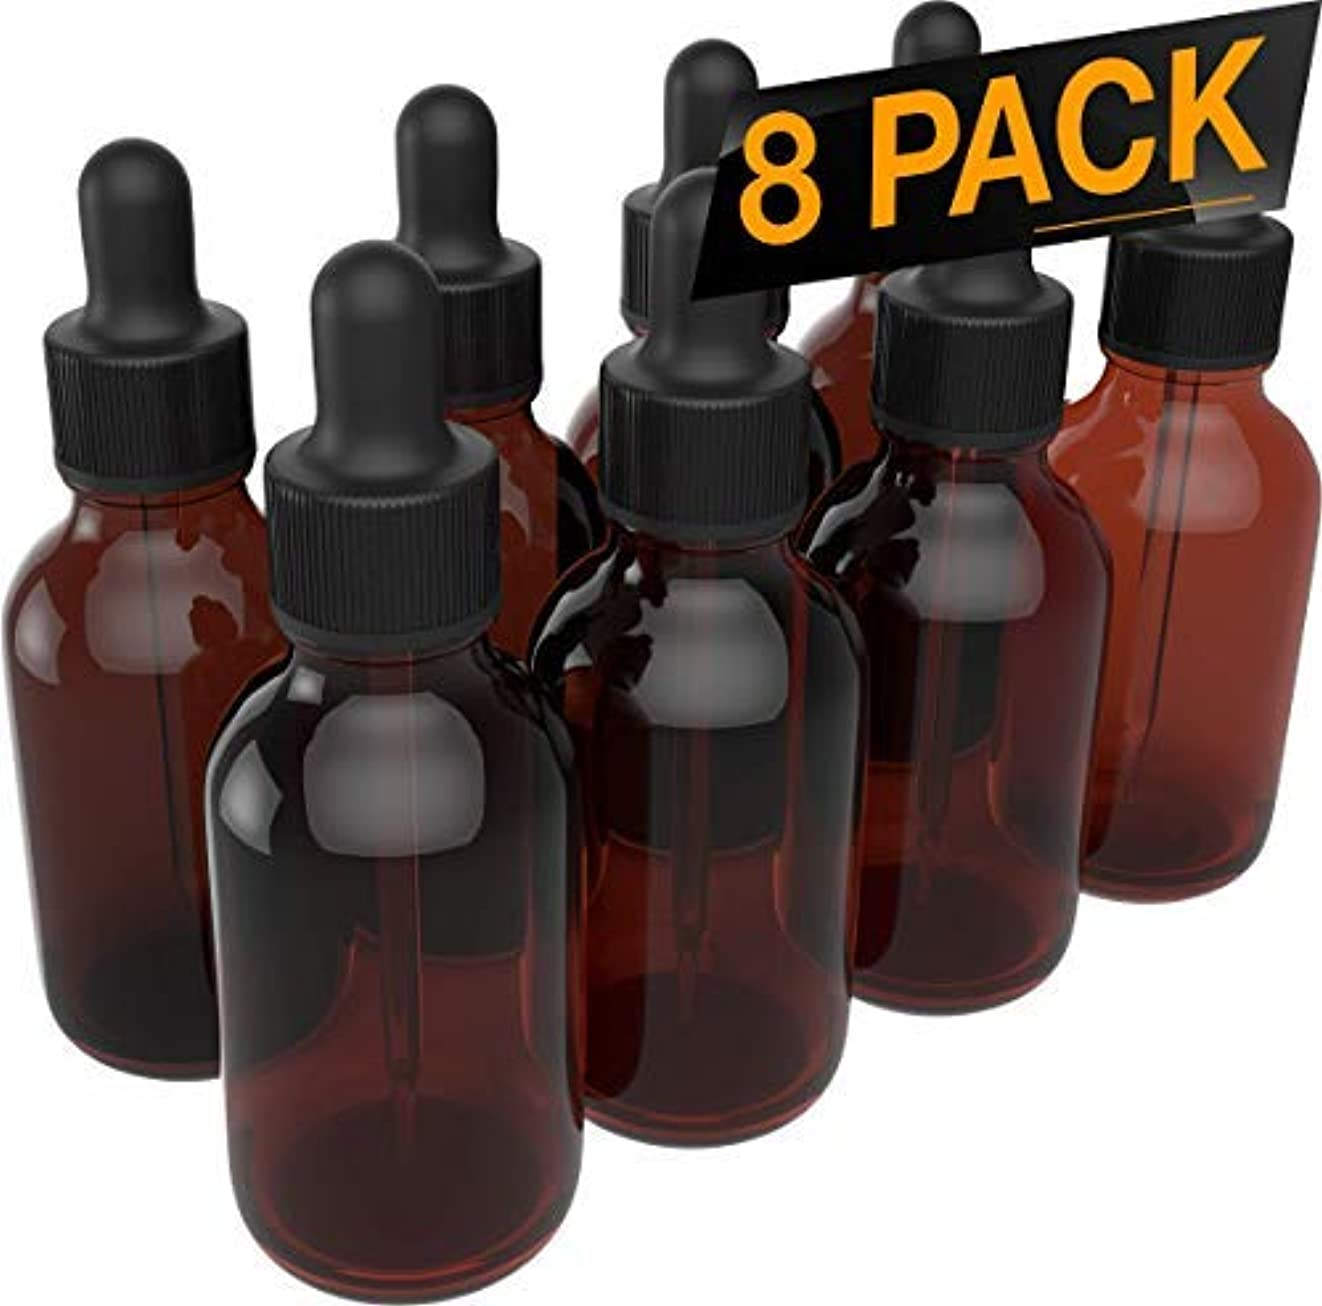 マイナー致命的な哲学博士8 Pack Essential Oil Dropper Bottles - Round Boston Empty Refillable Amber Bottle with Glass Dropper for Liquid...